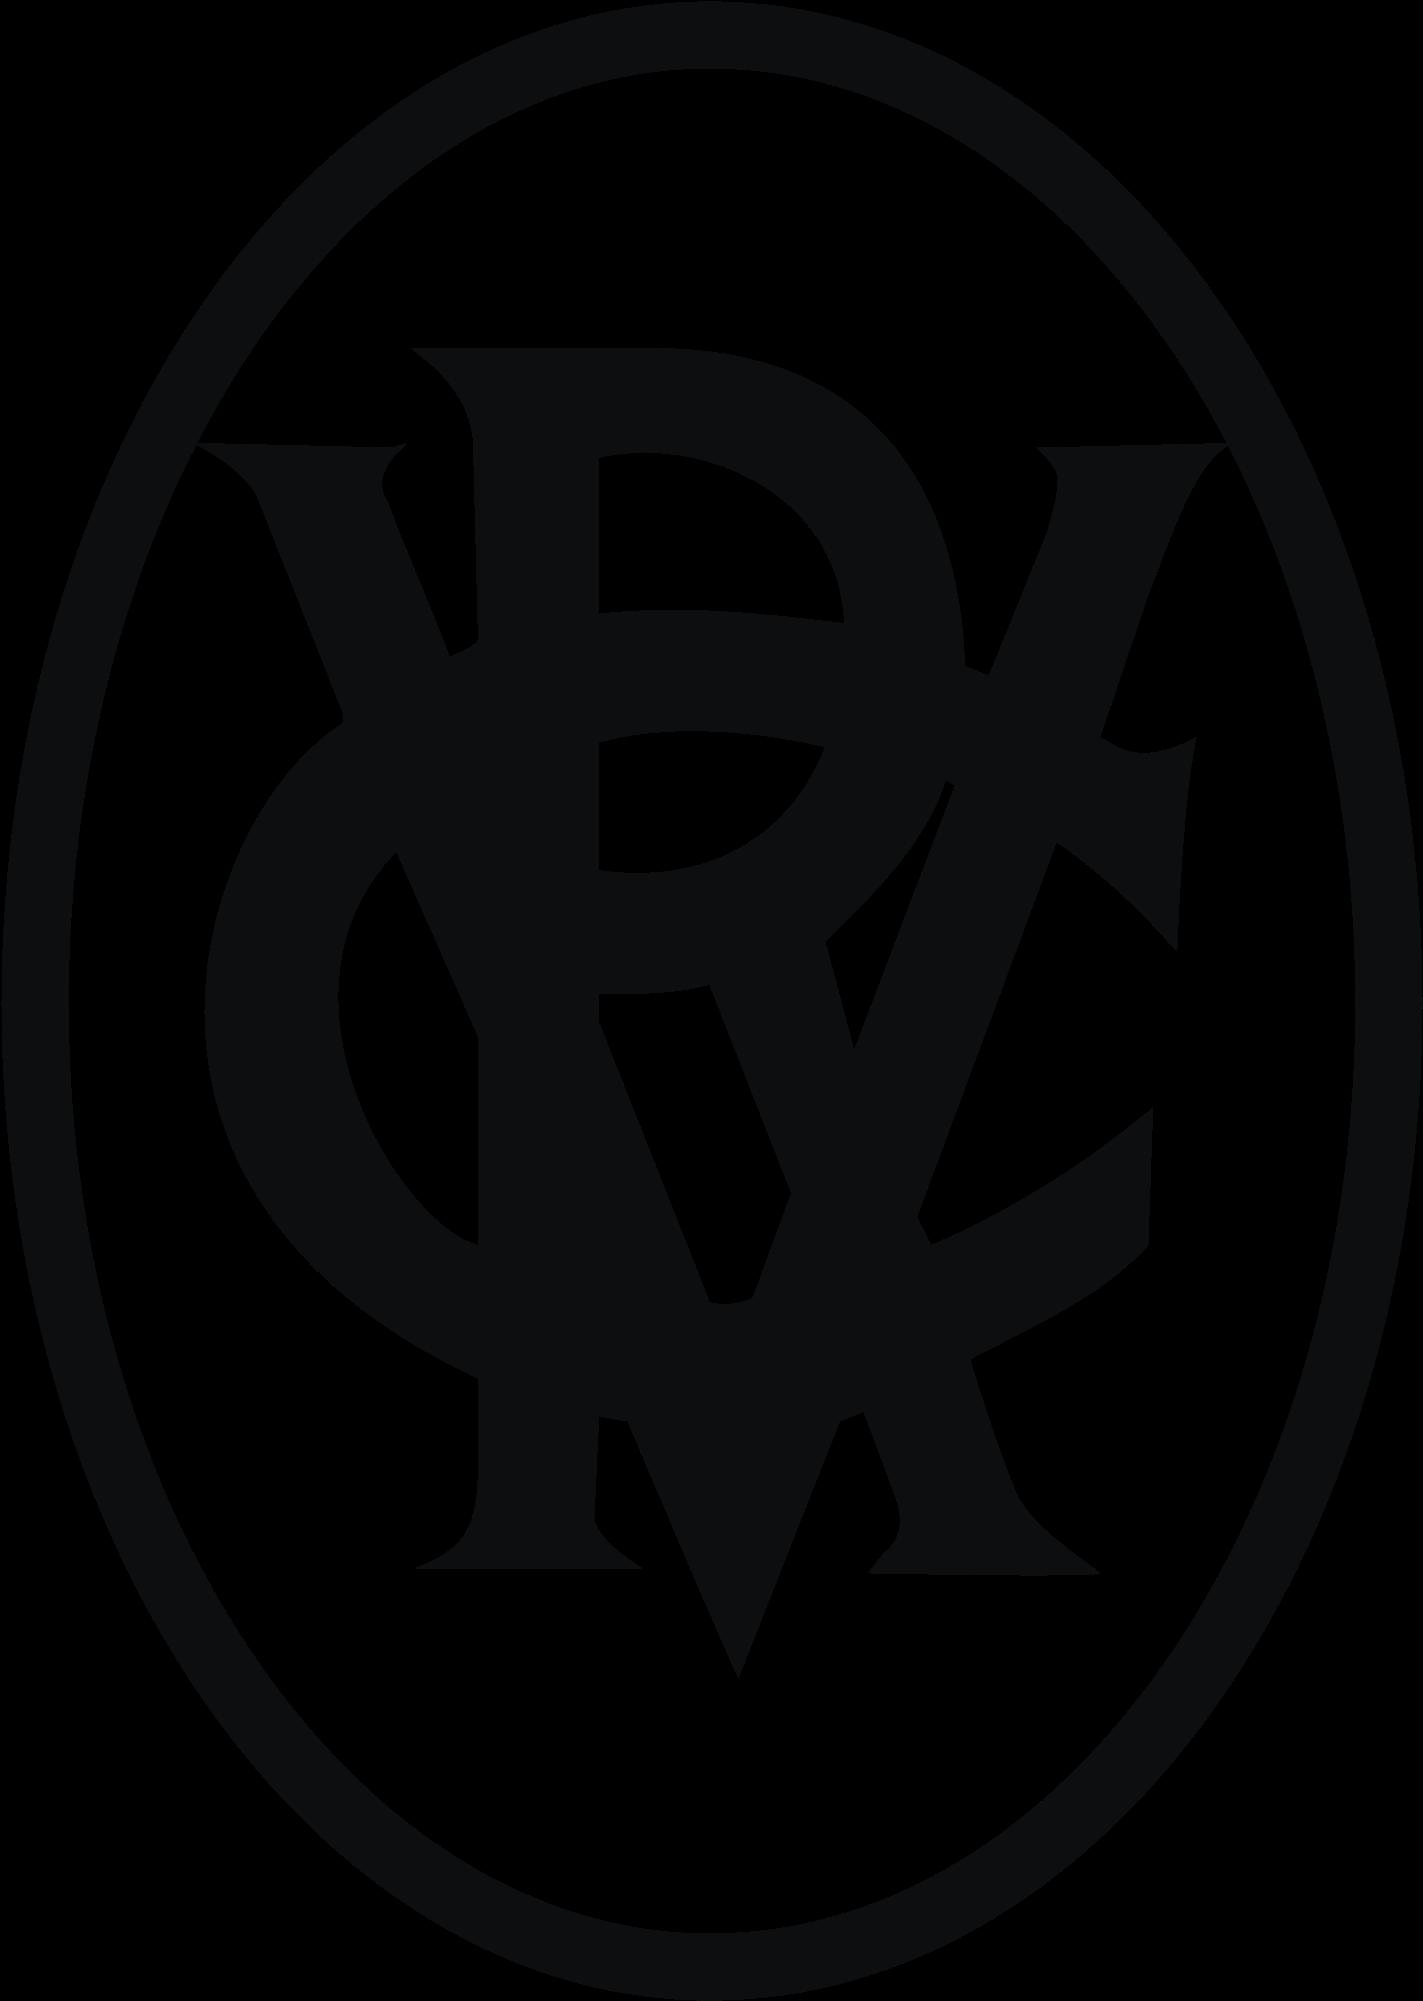 Victoria Racing Club Logo Png Transparent - Victoria Racing Club Logo Png Clipart (2400x2400), Png Download